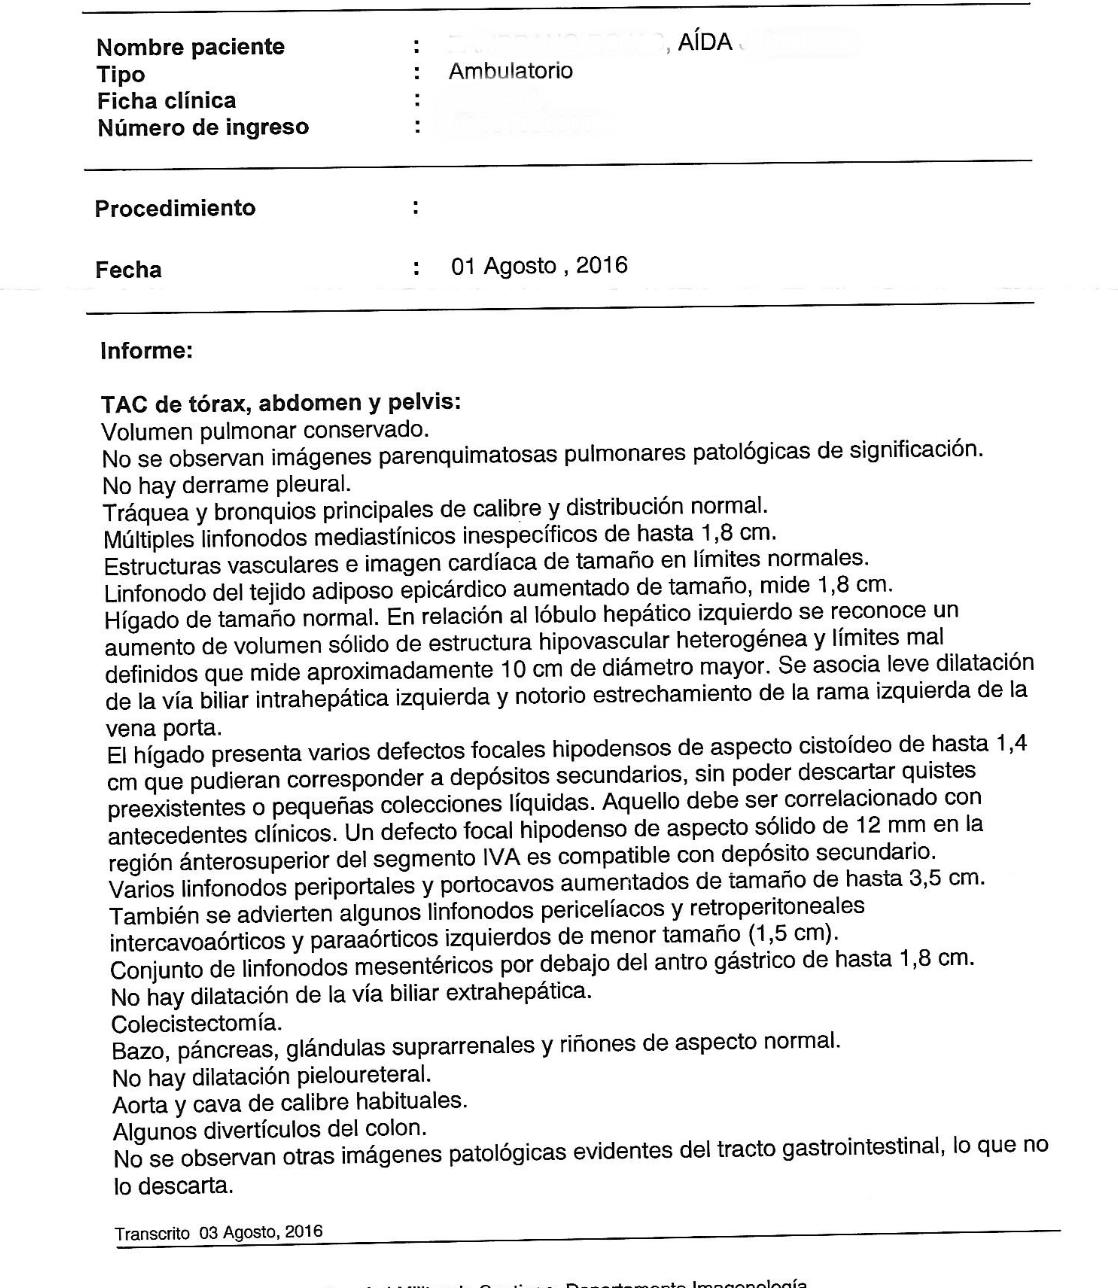 LifEscozul® - Aida 8 - Cáncer de Hígado